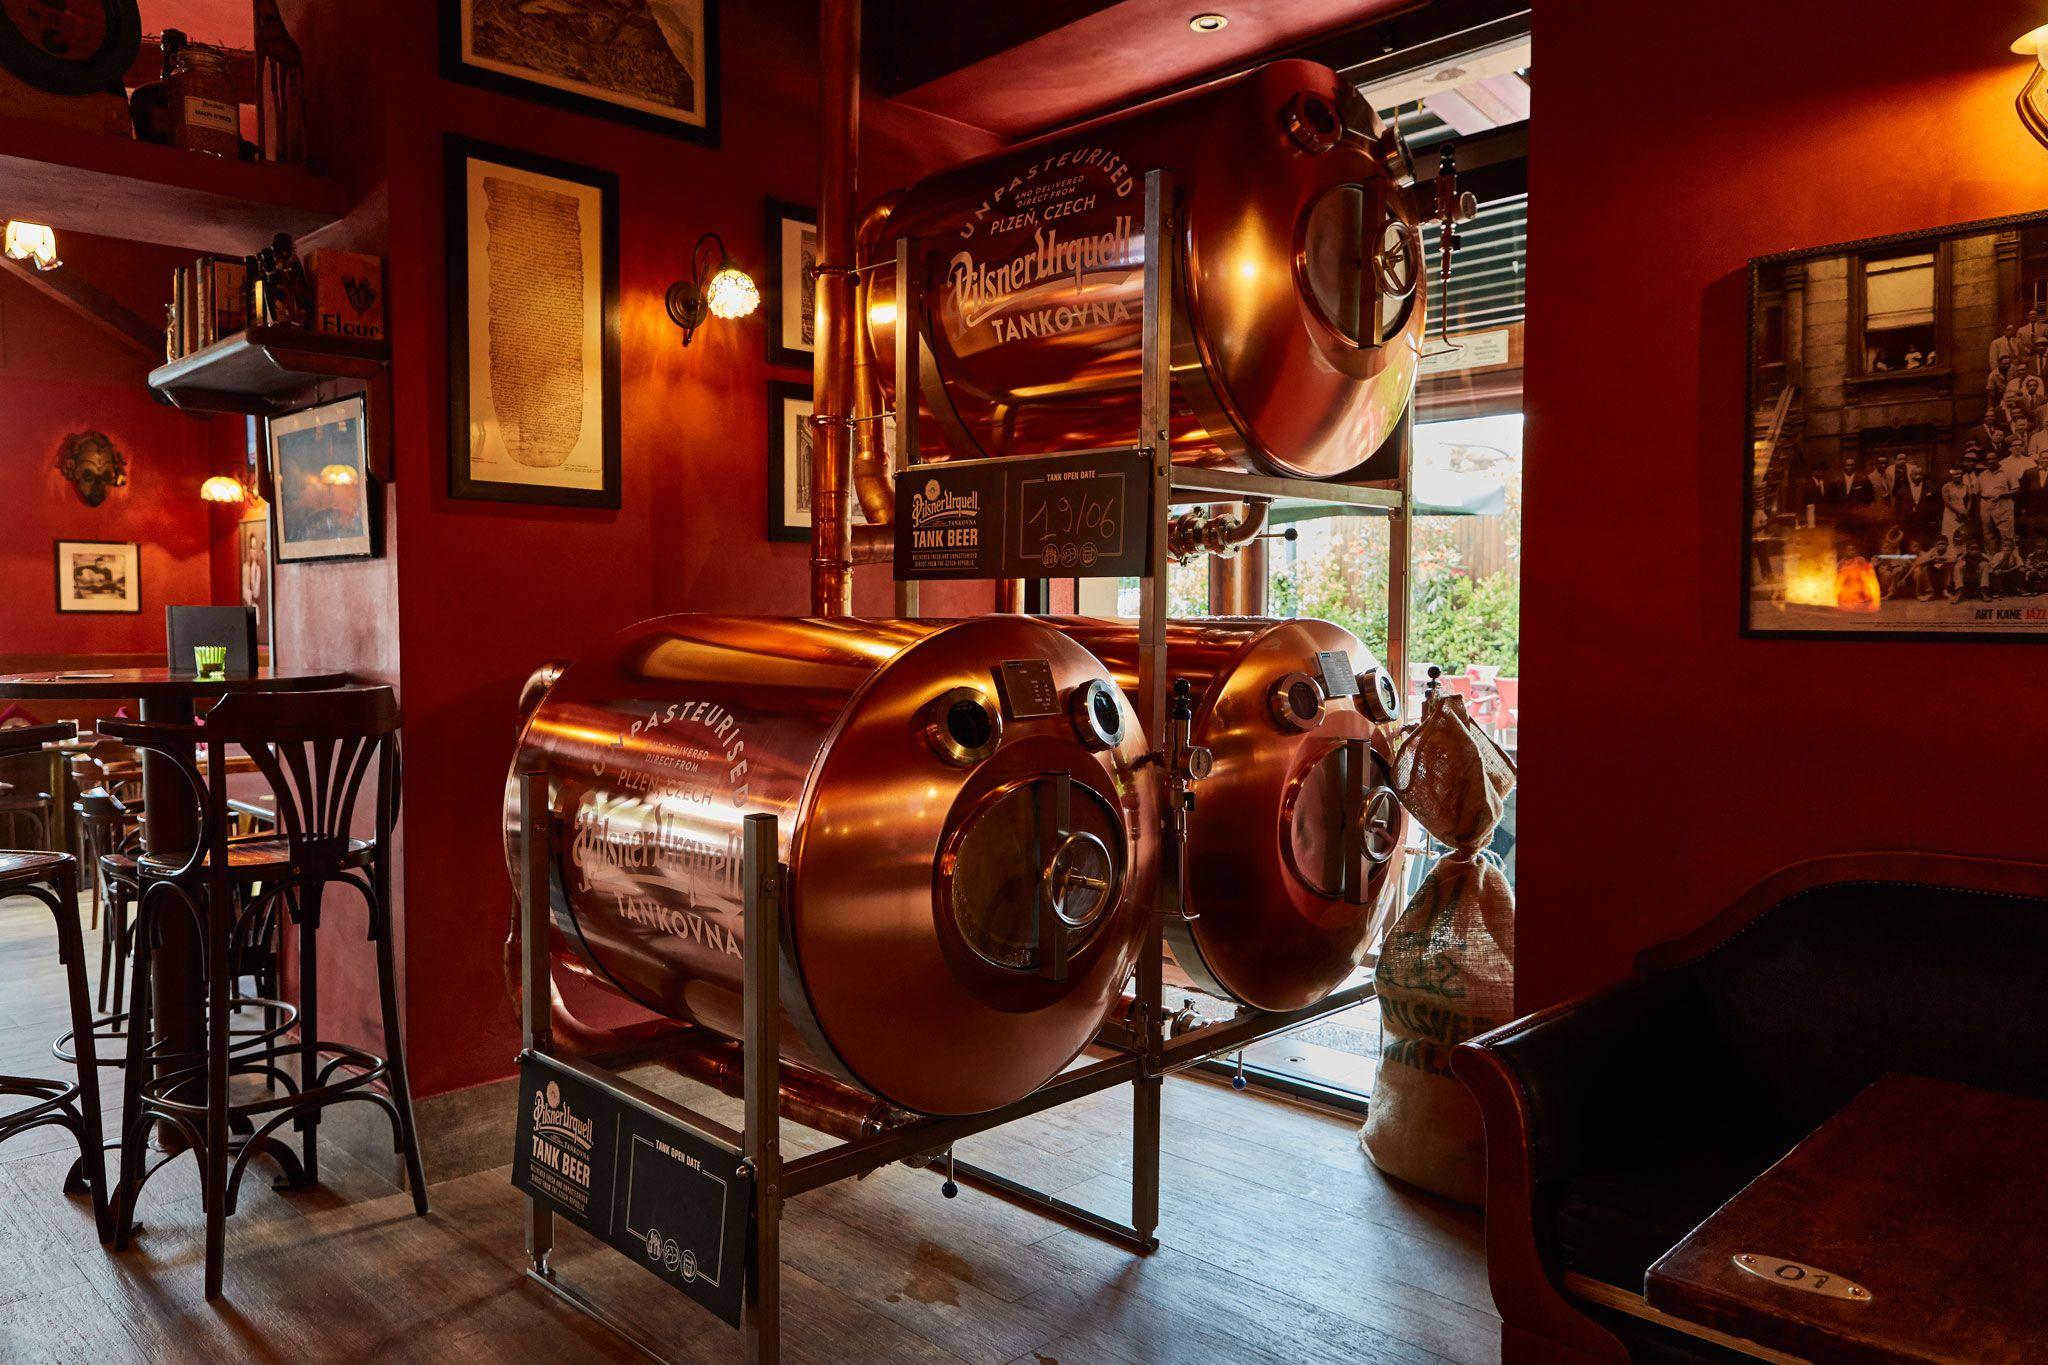 Tank Beer Pilsner Urquell Tankovna Birra Non Pastorizzata Chimera Cassino Ristorante Birreria Artigianale